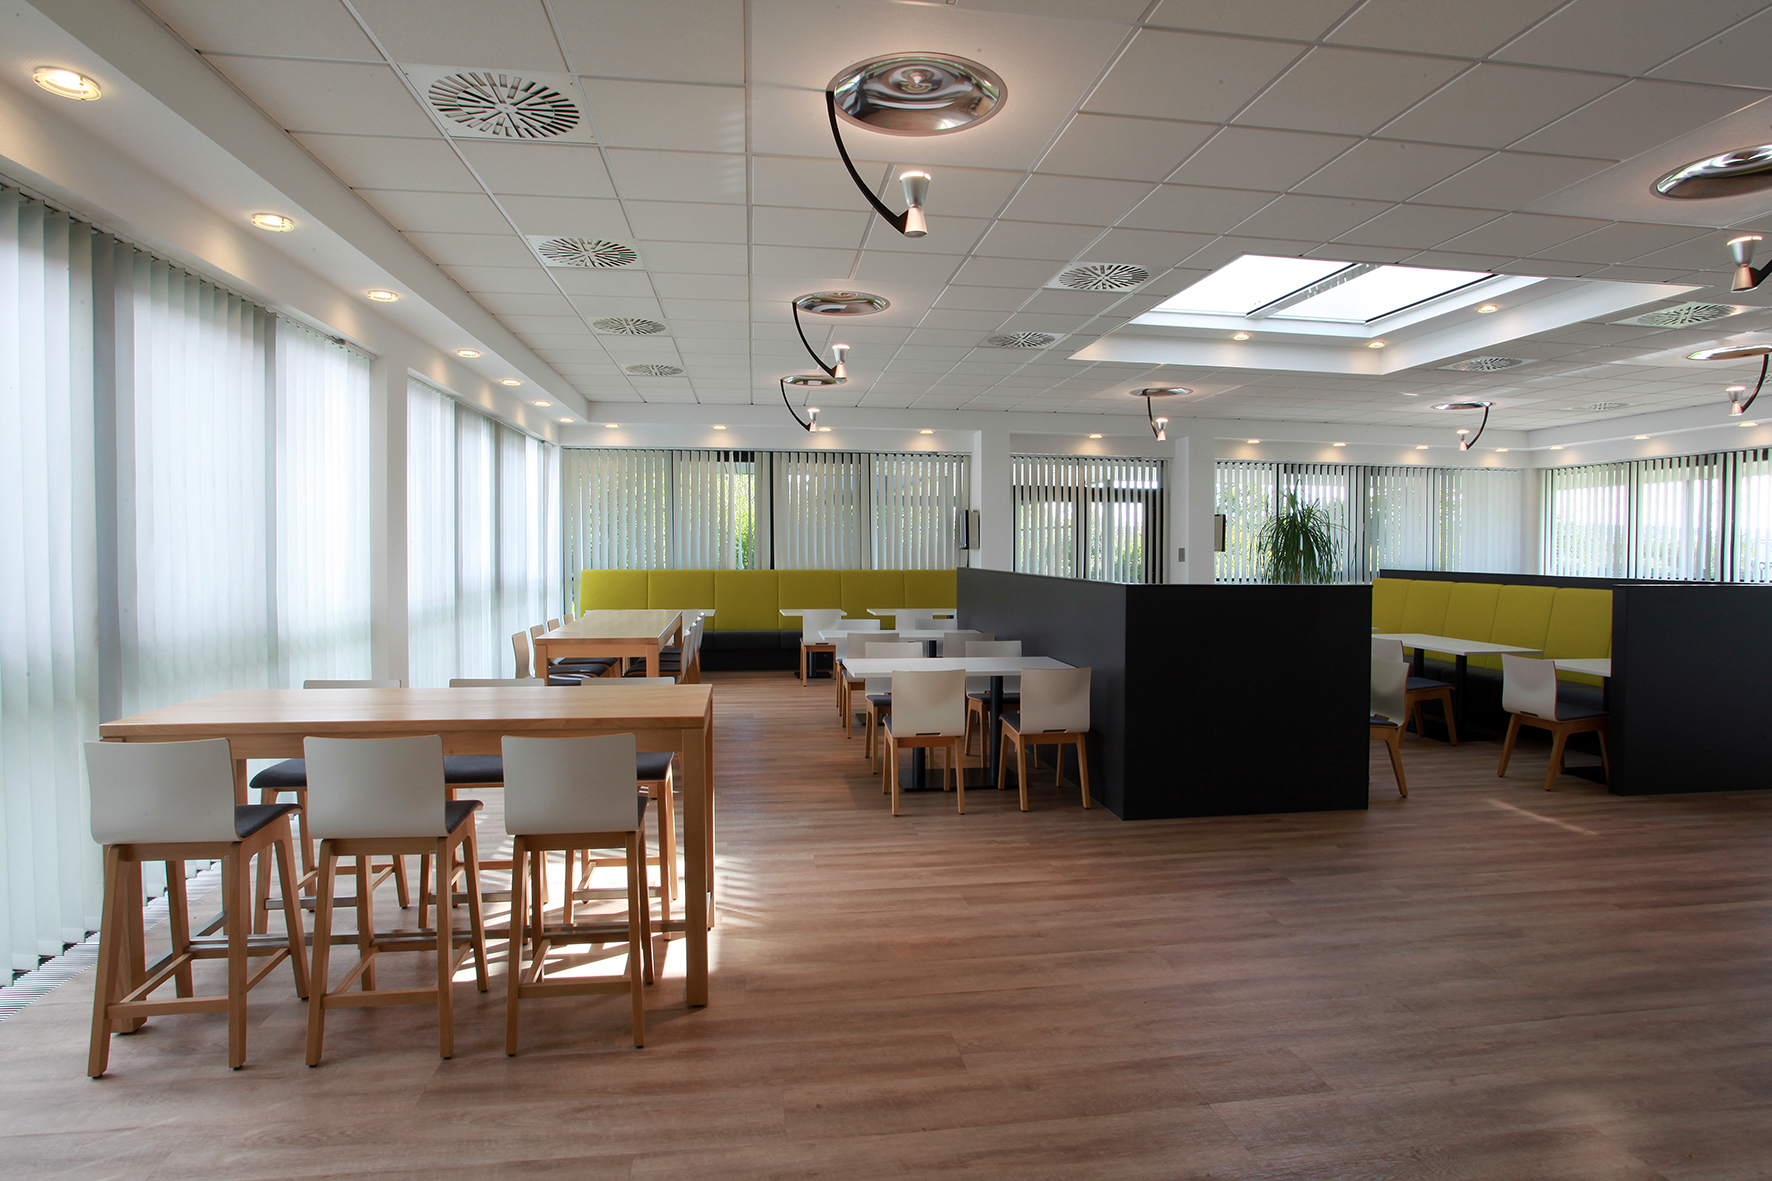 Betriebskantine – Treffpunkt für Mitarbeiter und Kunden